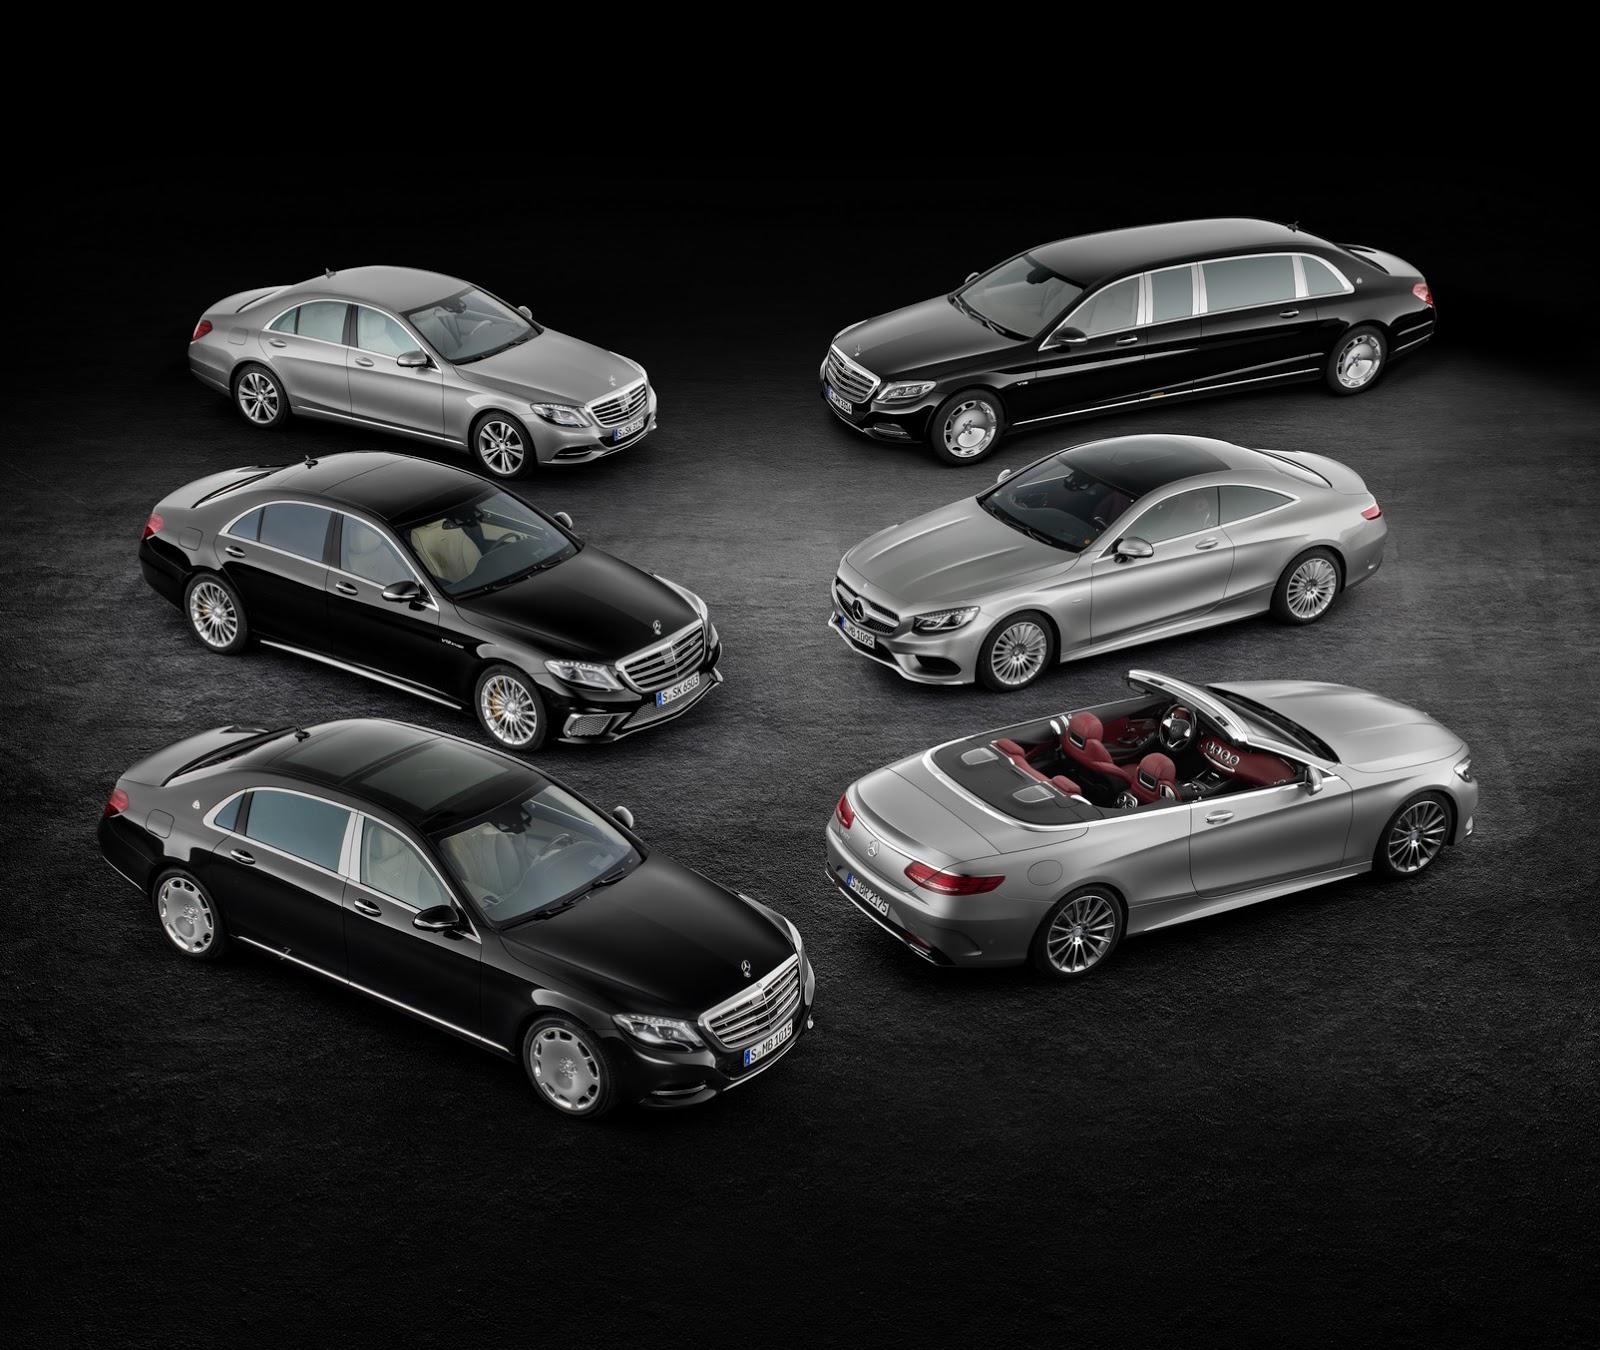 Mercedes v class gets full treatment from carlex design - Daimler Still Keen On Russian Factory Despite Market Slowdown